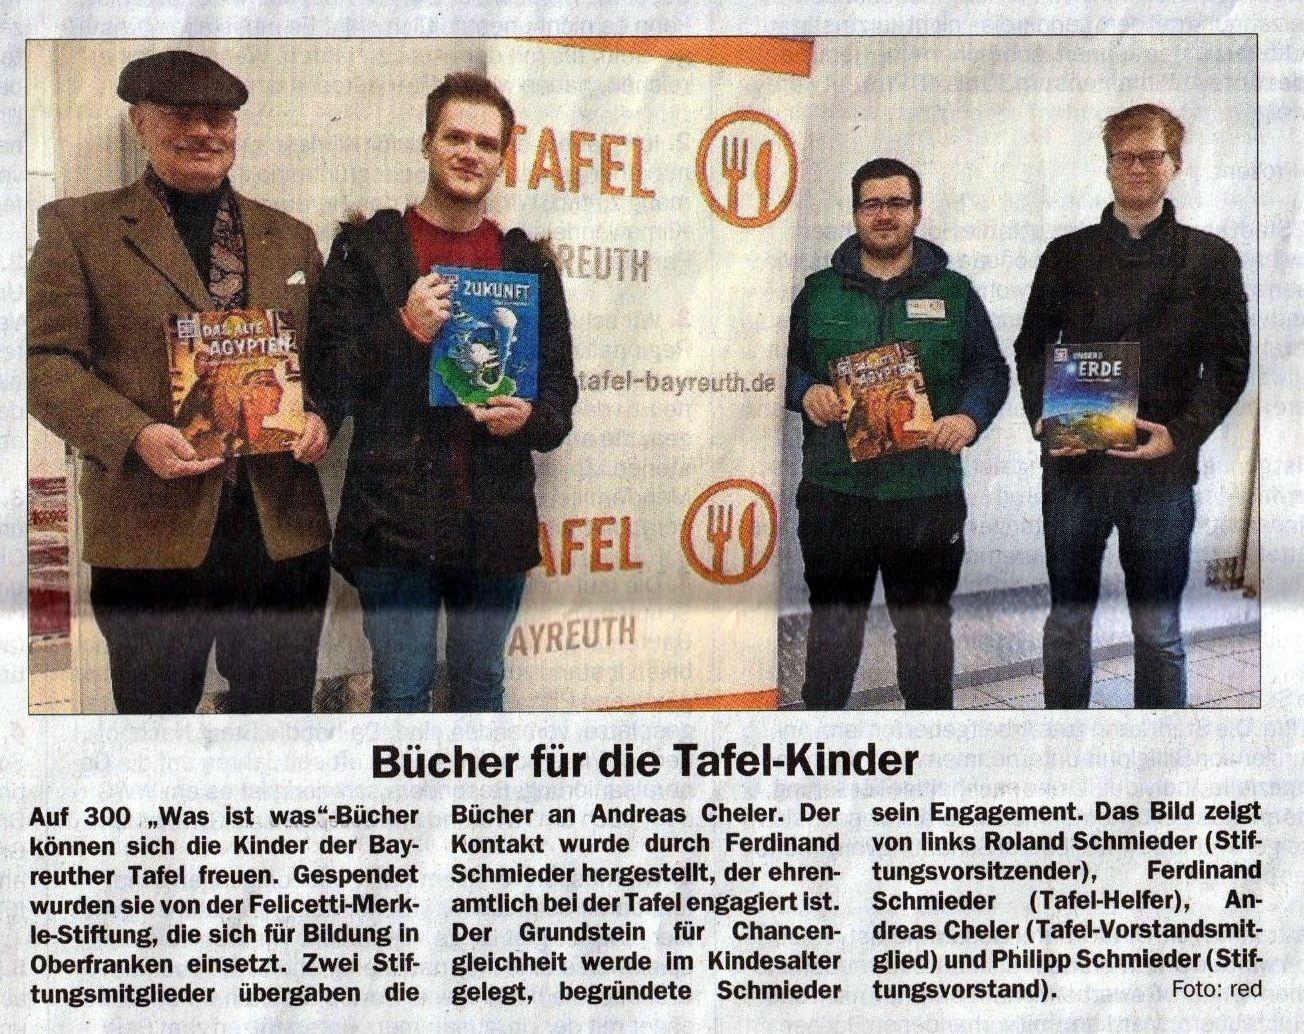 Bücherspende TAfel Bayreuth